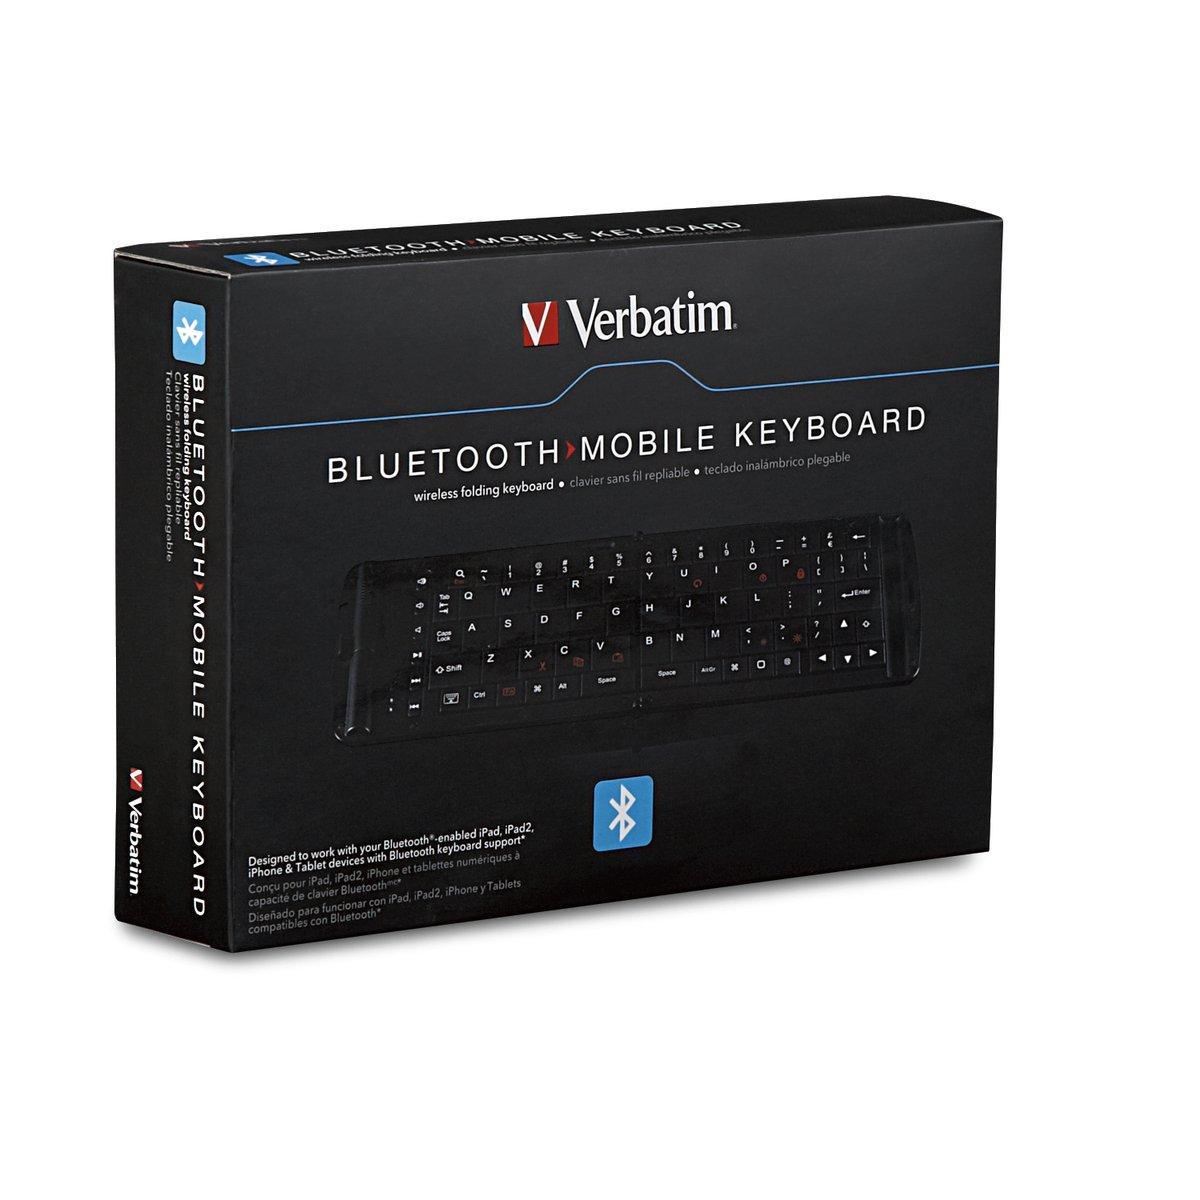 Verbatim 97537 - Teclado (Bluetooth, QWERTY, Negro, AAA, iOS 4 +): Amazon.es: Informática